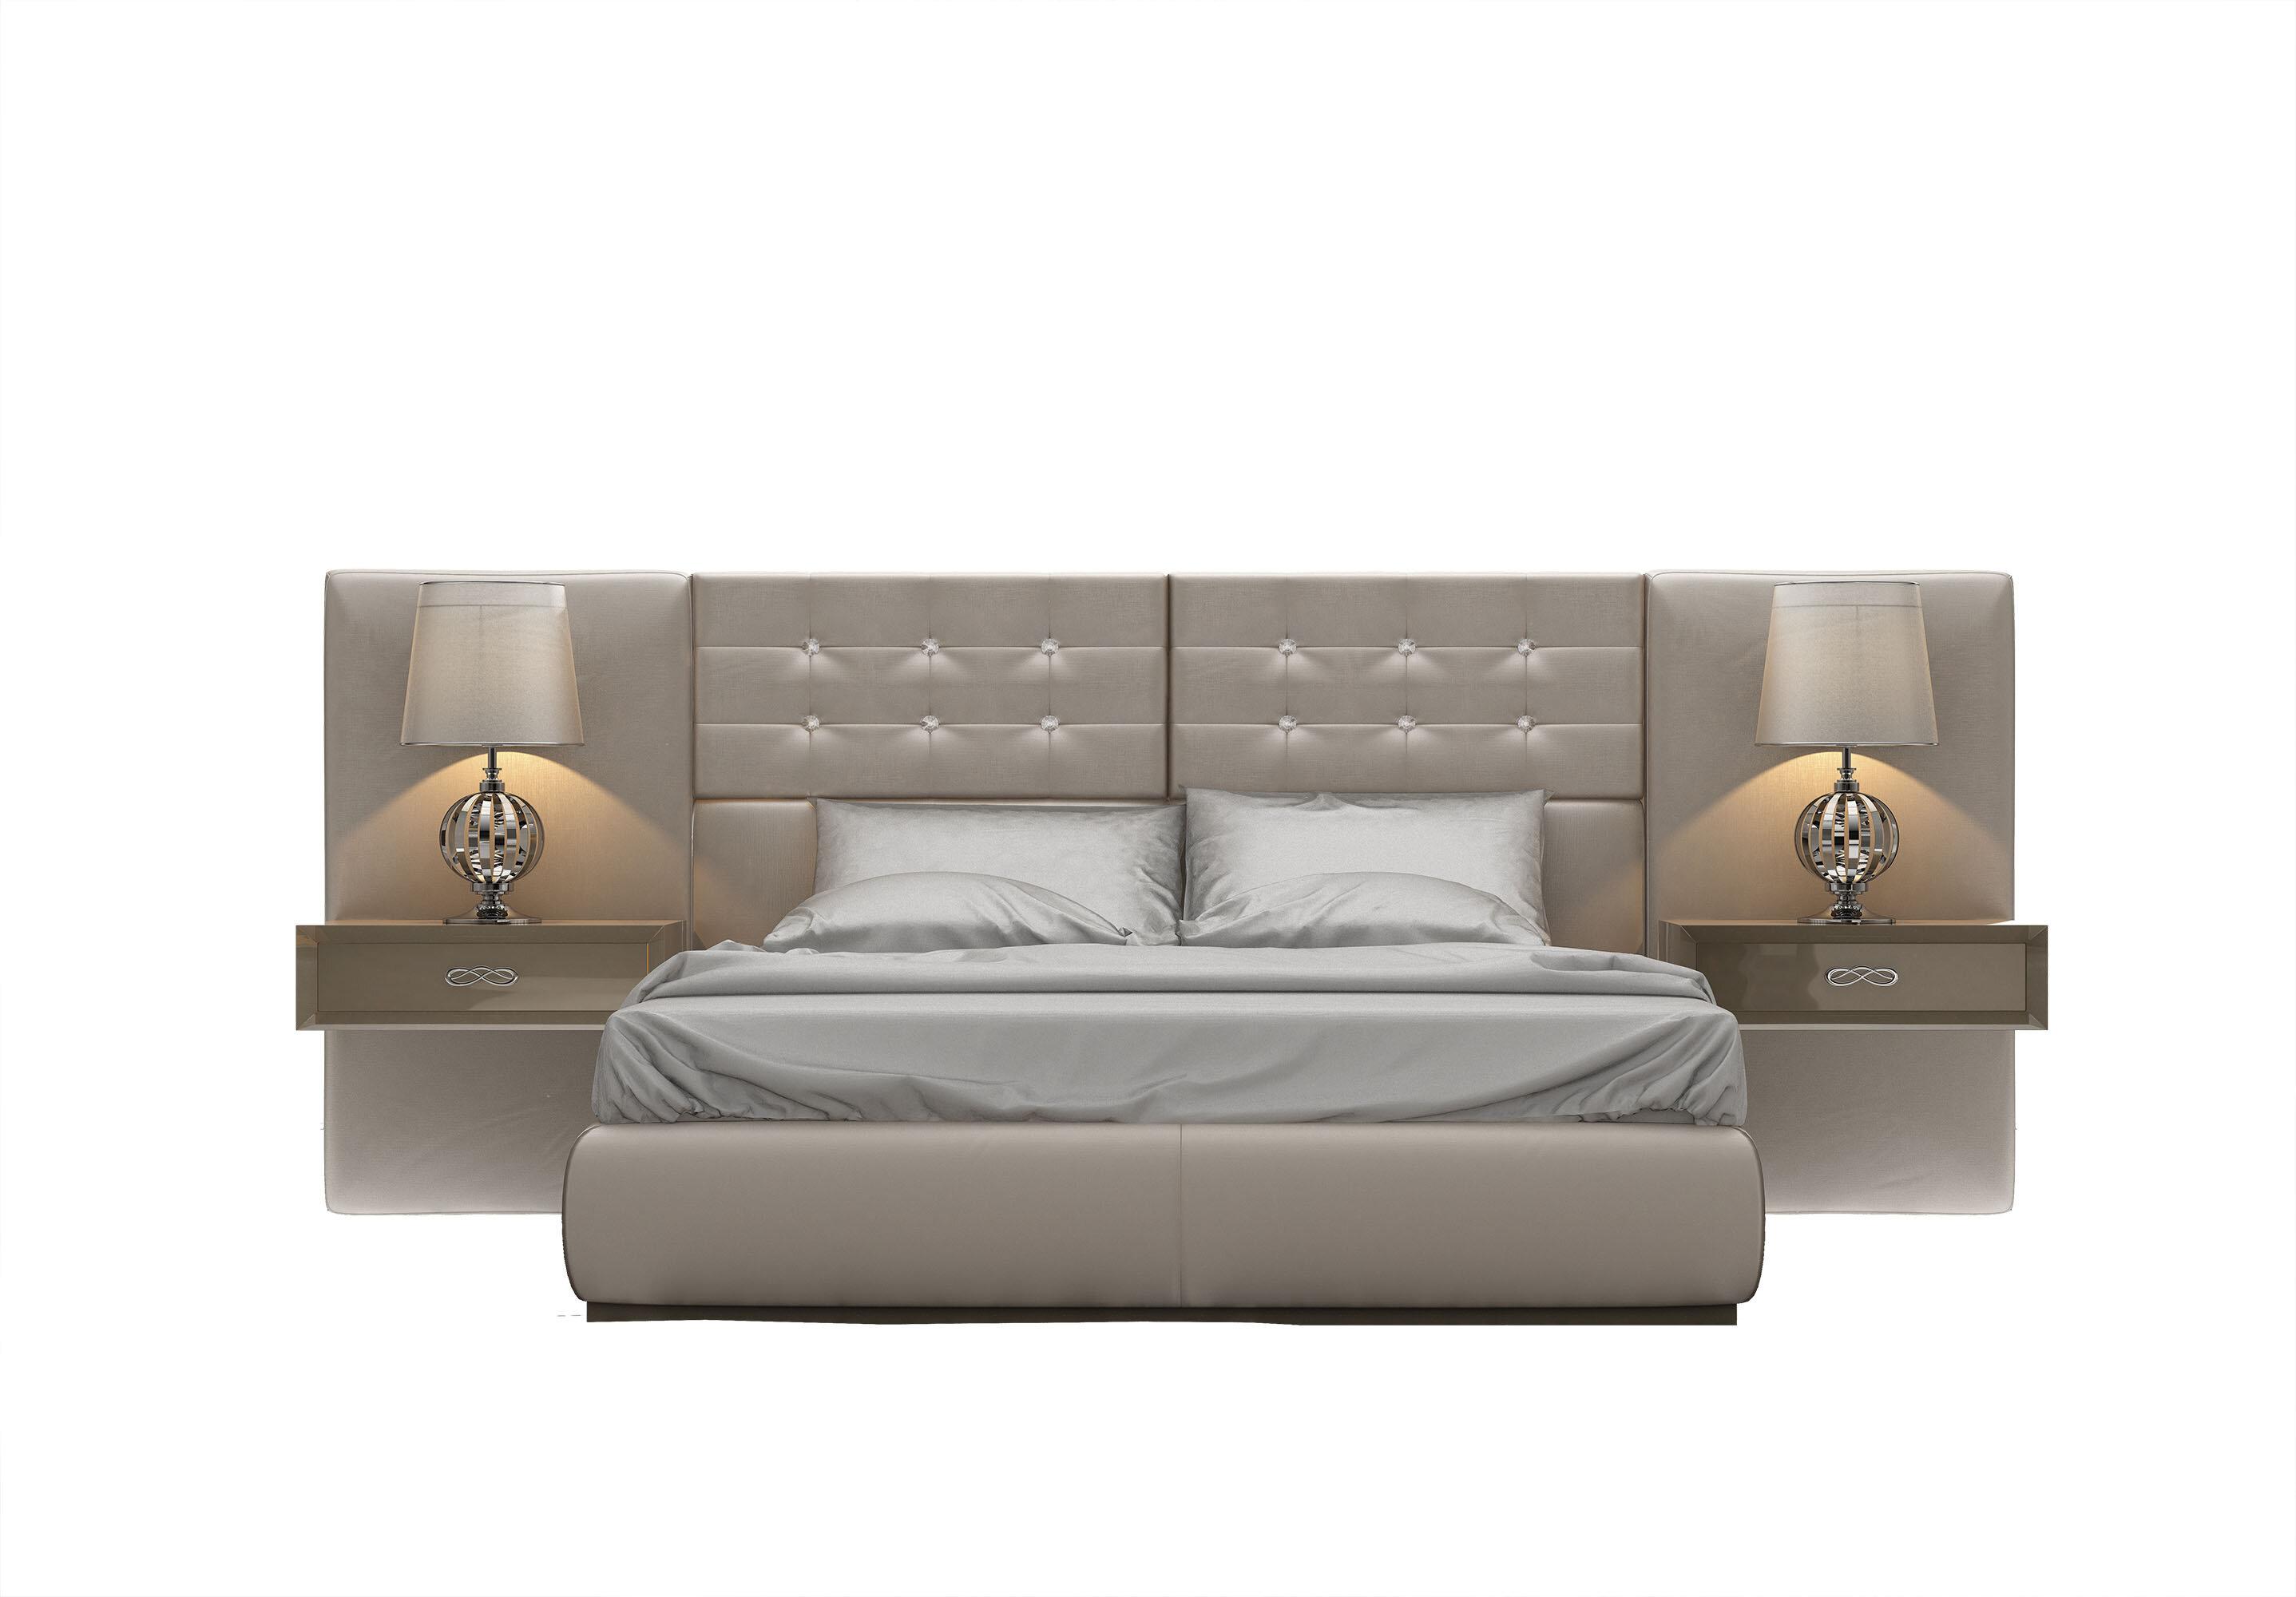 Mercer41 Longville Standard 3 Piece Bedroom Set Wayfair